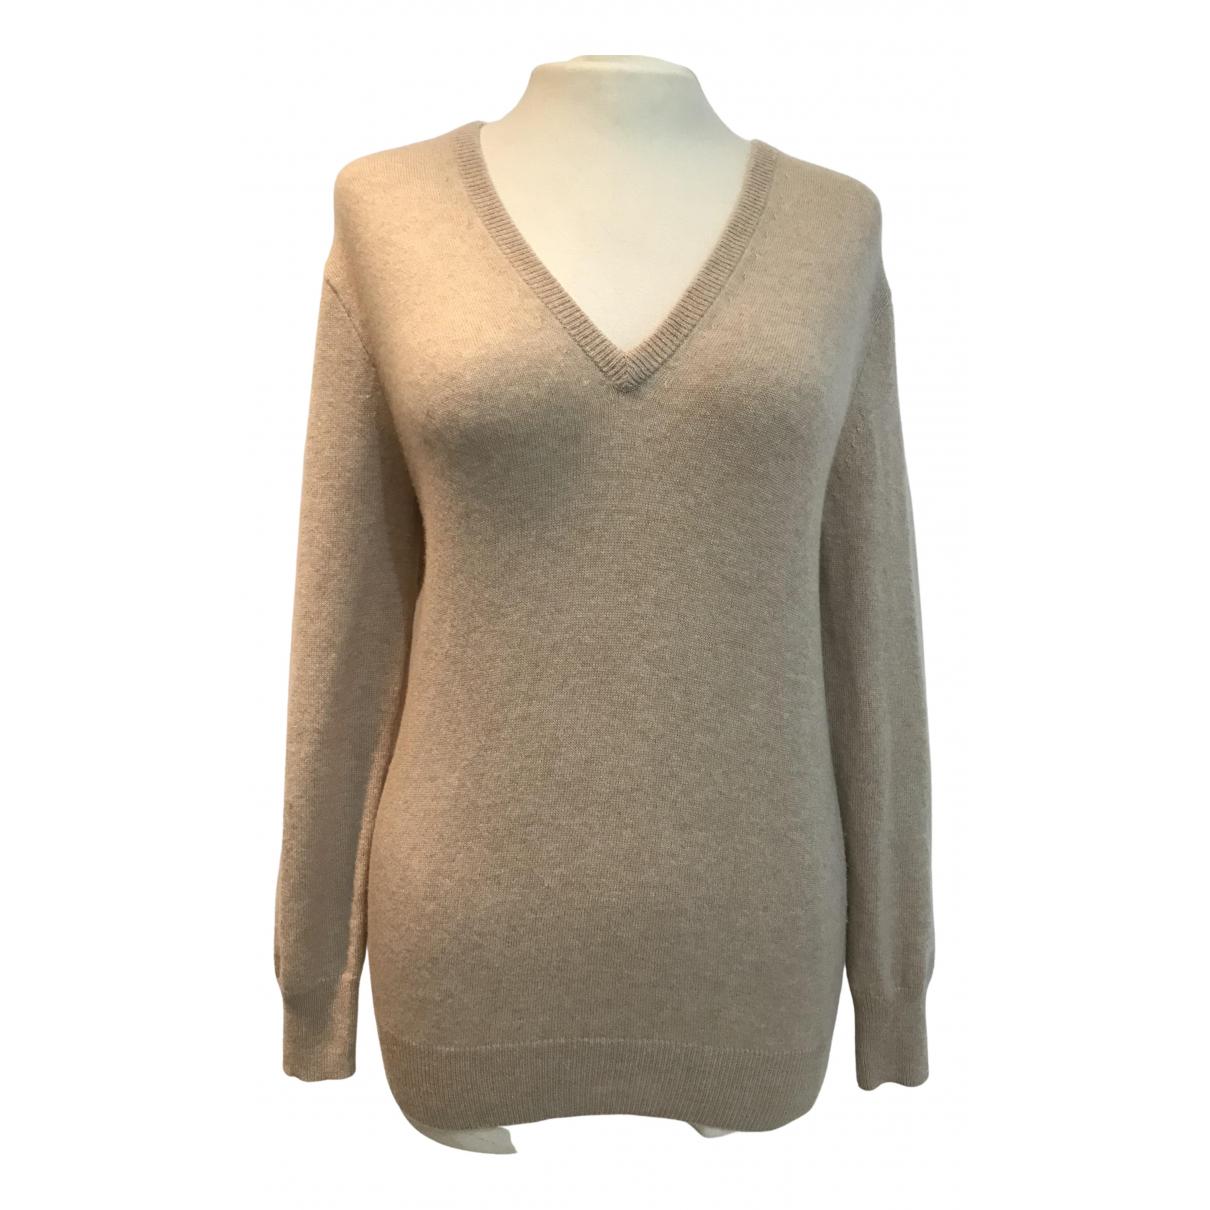 J.crew N Beige Cashmere Knitwear for Women XS International